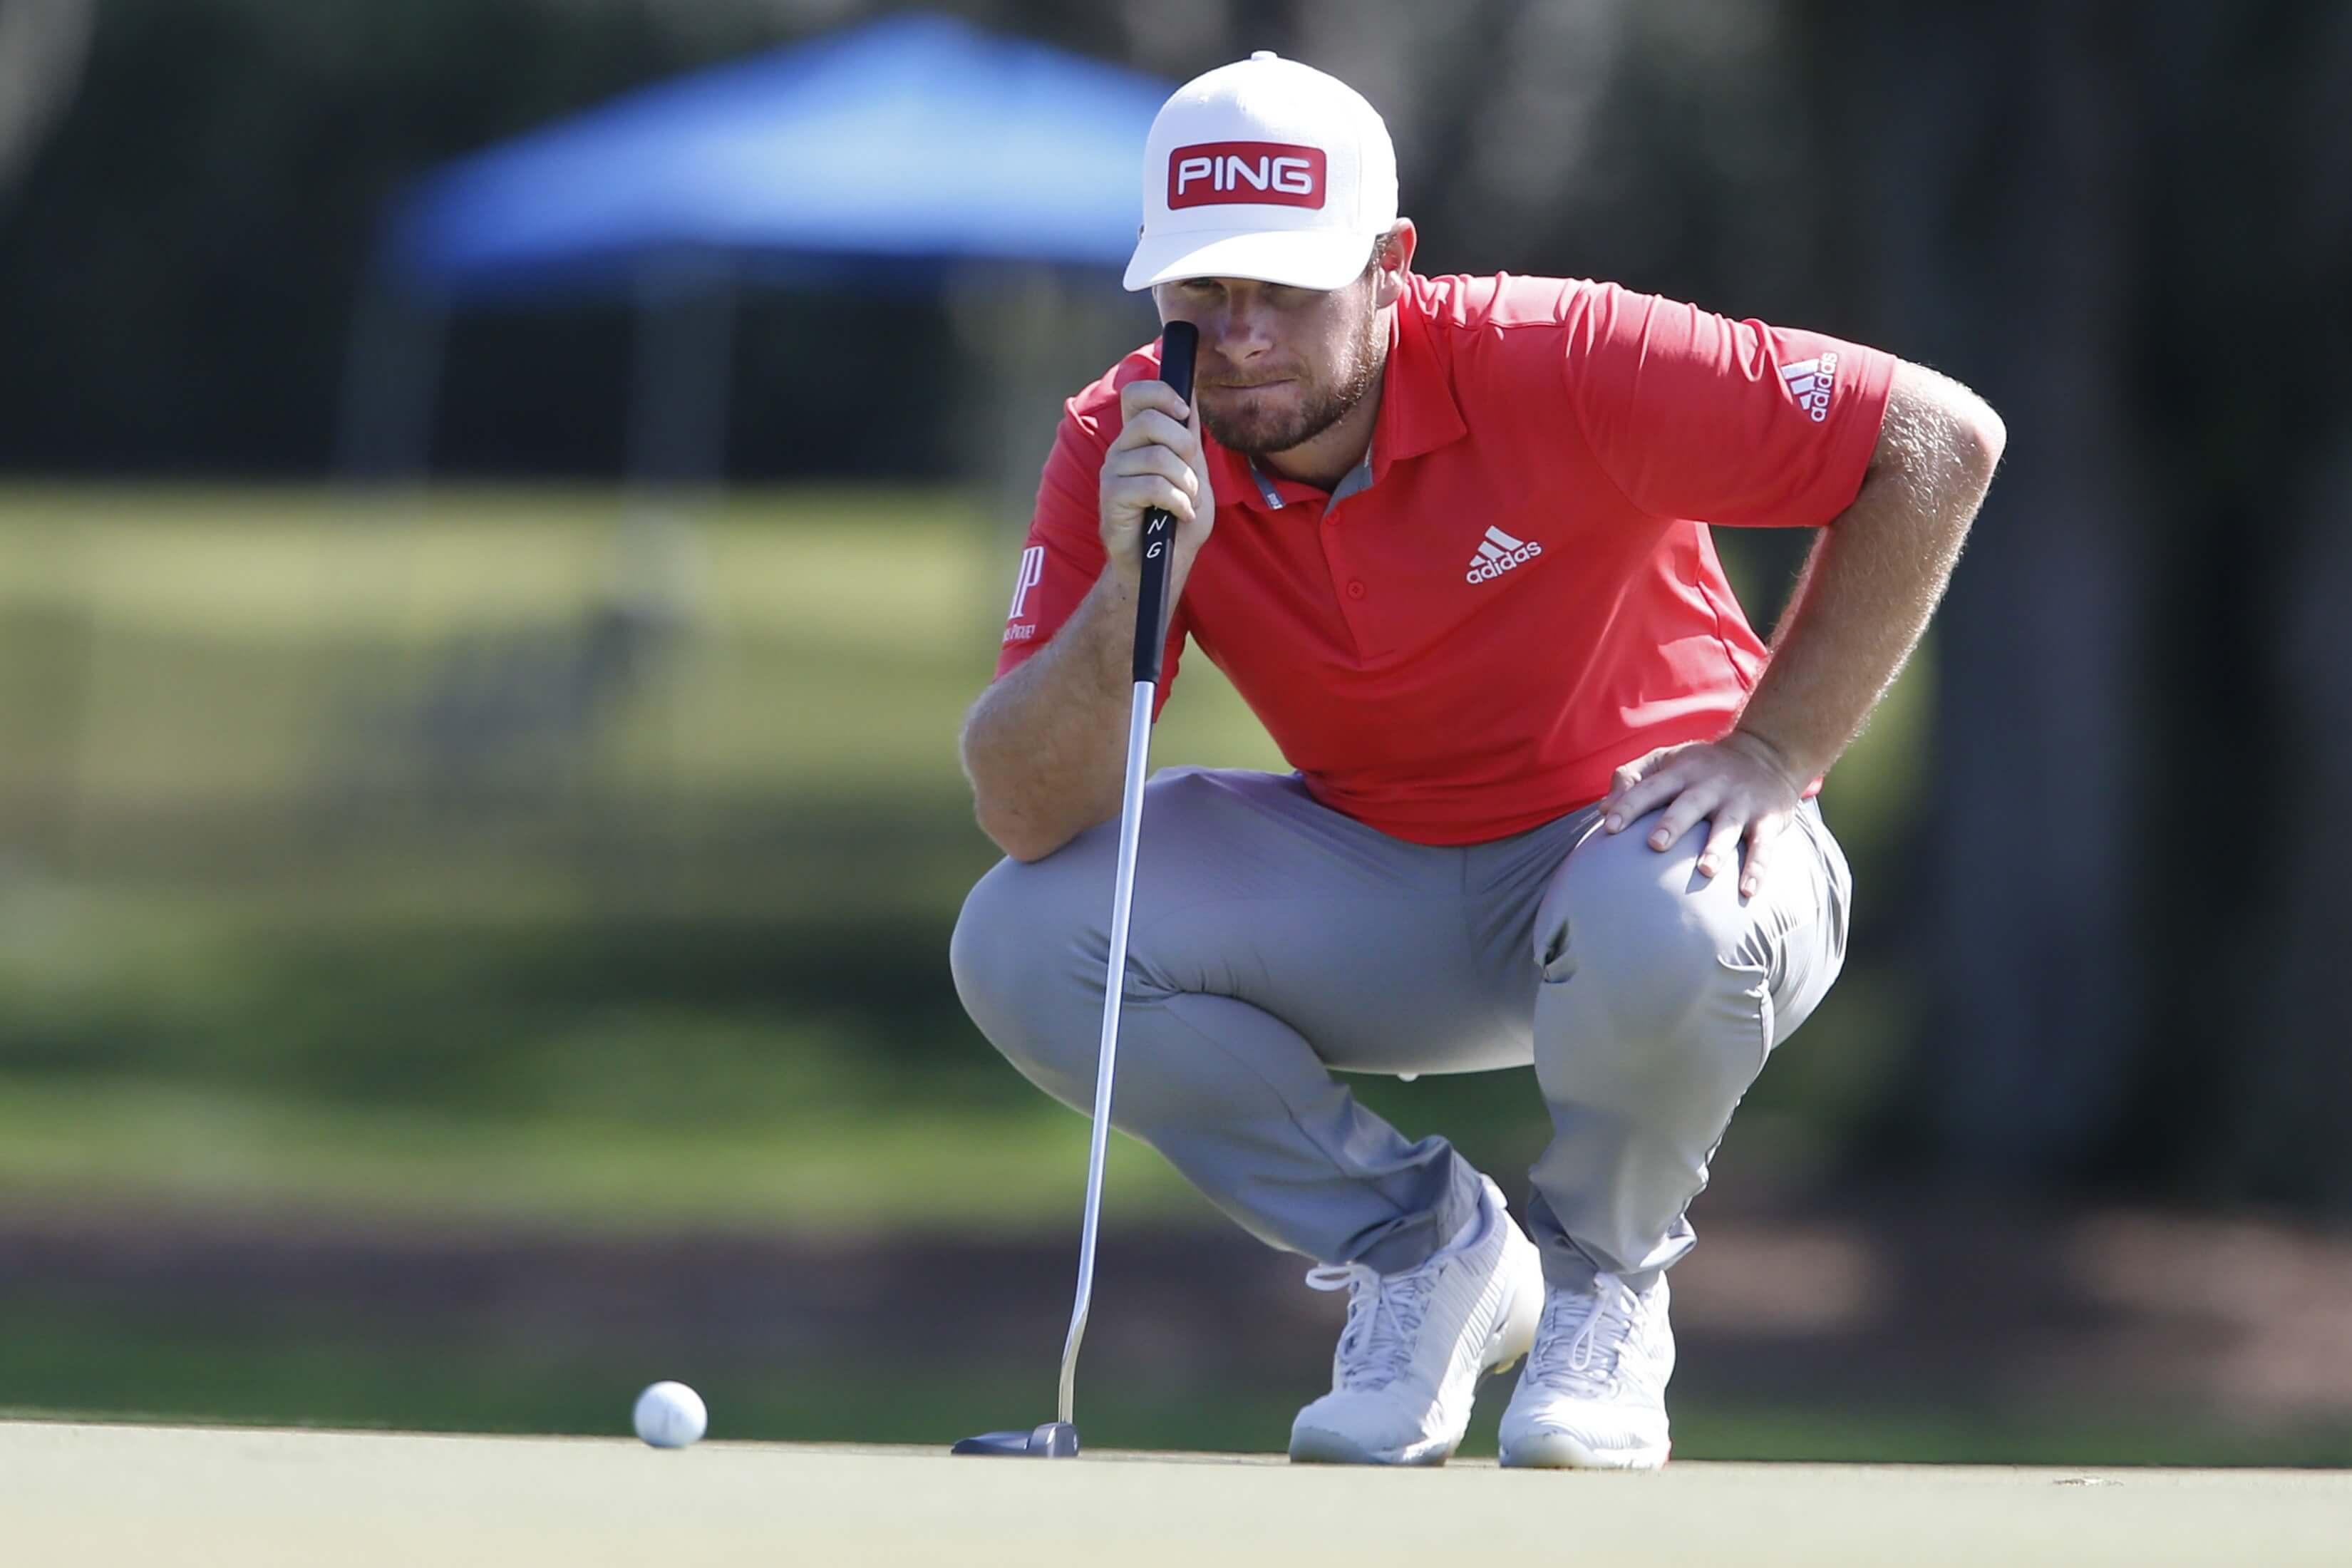 Tyrell Hatton Golf